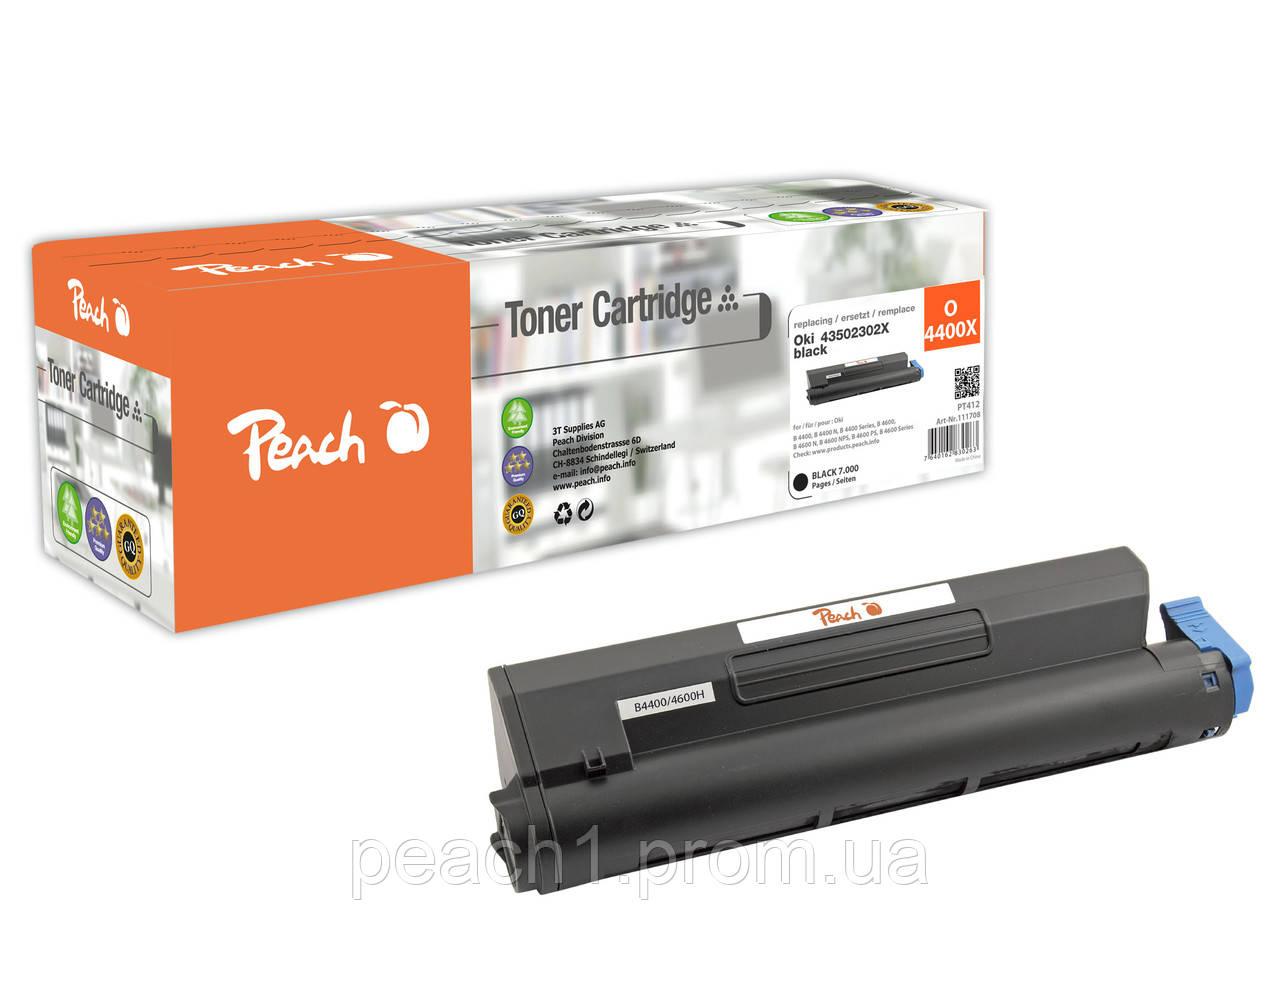 Лазерный картридж черный (black) XL Oki 43502302X